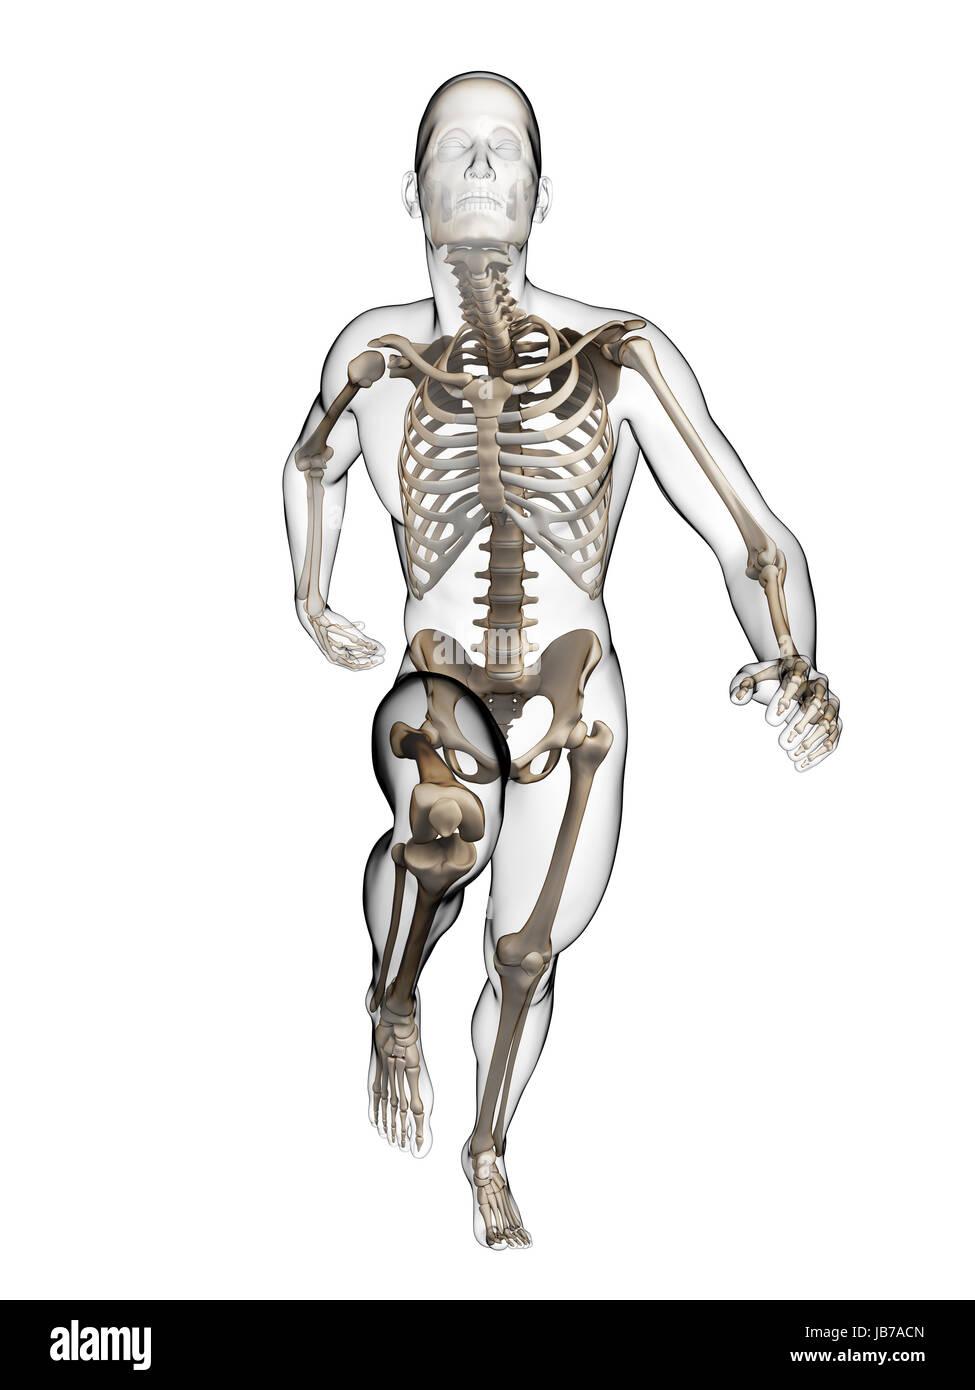 Schön Anatomie Für Läufer Fotos - Menschliche Anatomie Bilder ...